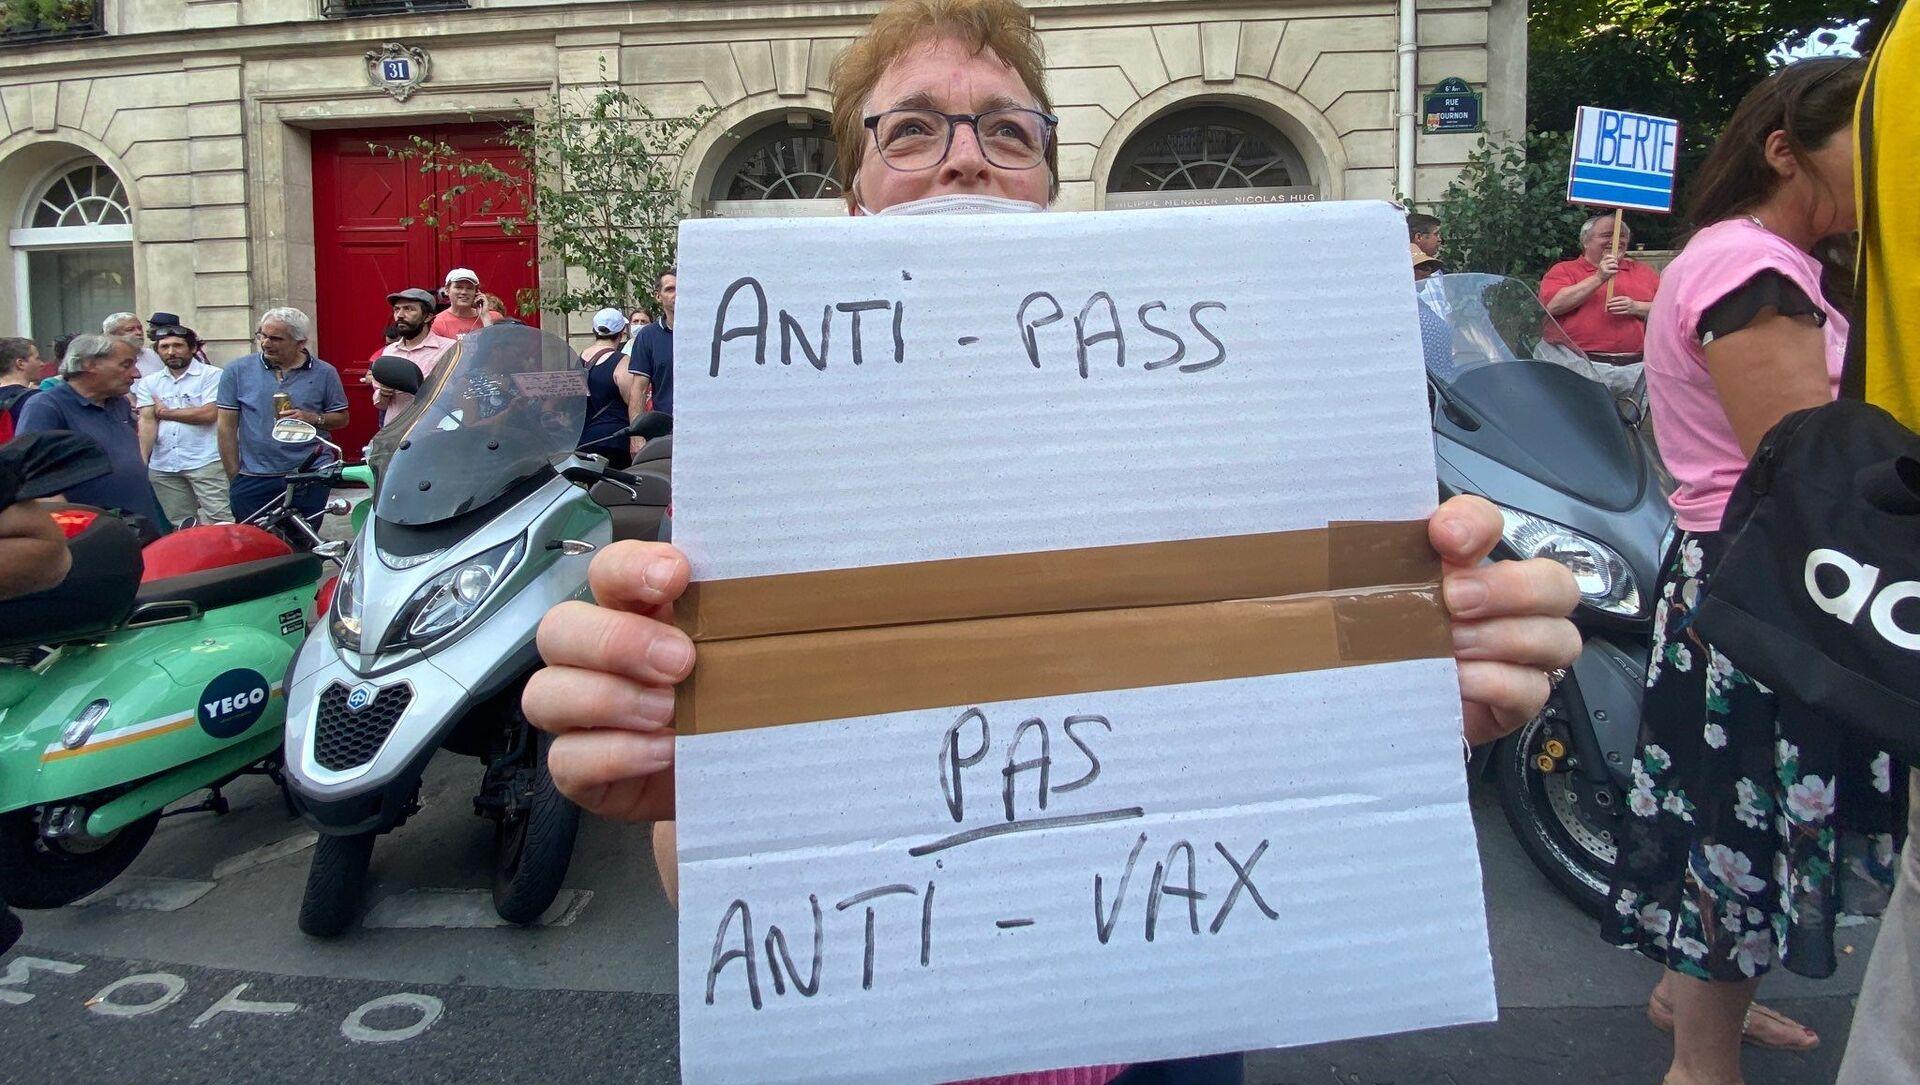 Manifestation contre l'extension du pass sanitaire à Paris, le 22 juillet 2021 - Sputnik France, 1920, 25.07.2021